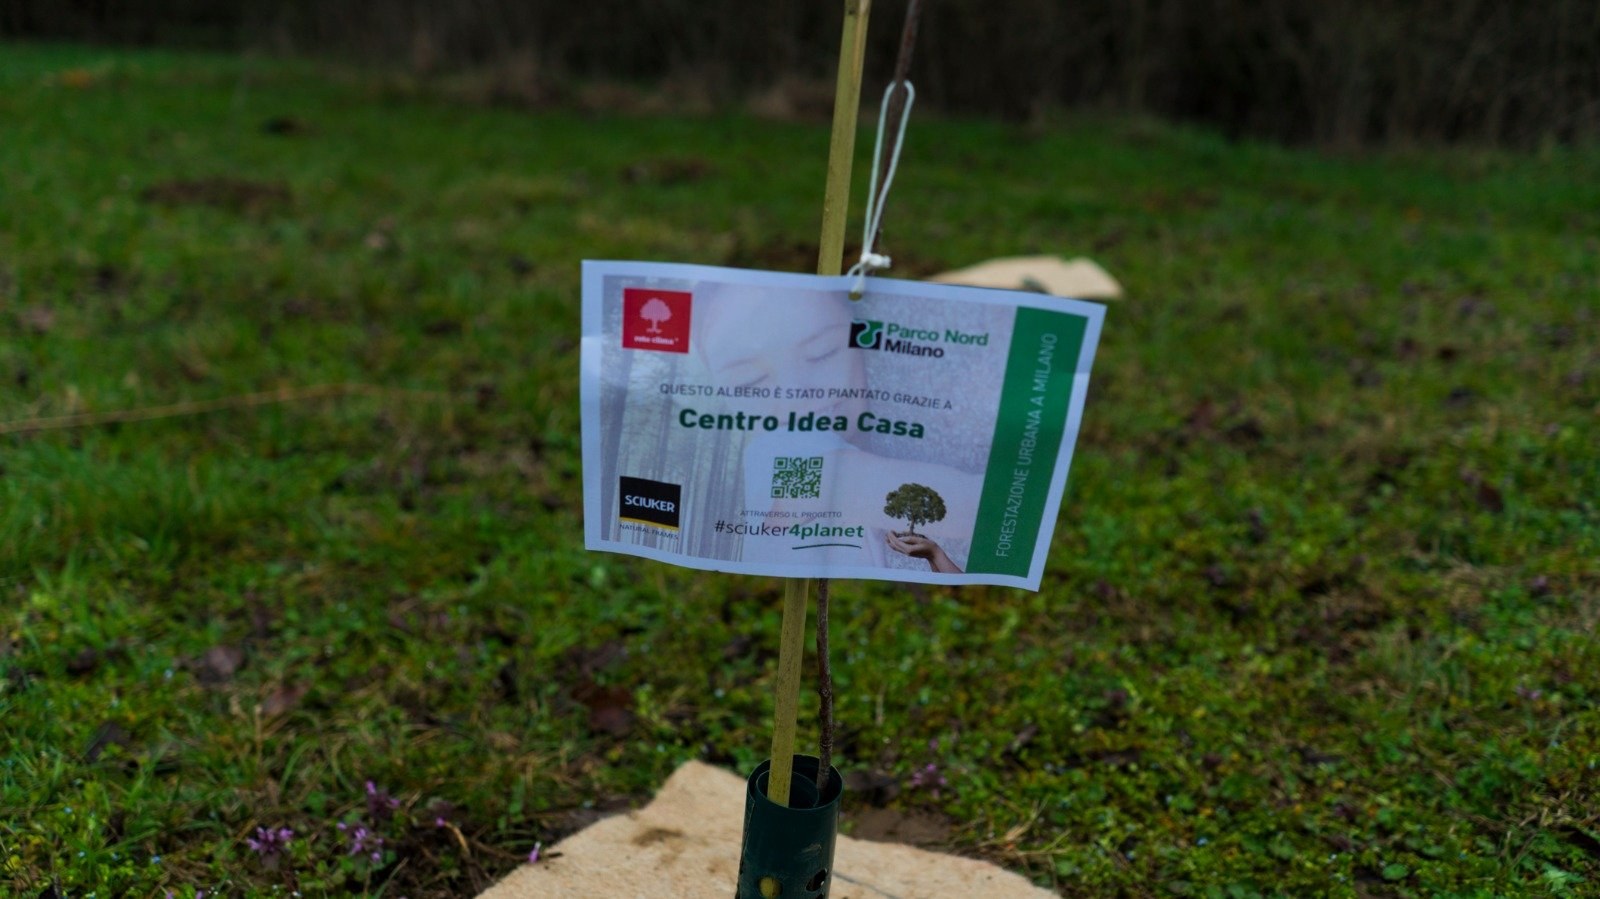 Centro Idea Casa è per l'ambiente, aiutaci anche tu!